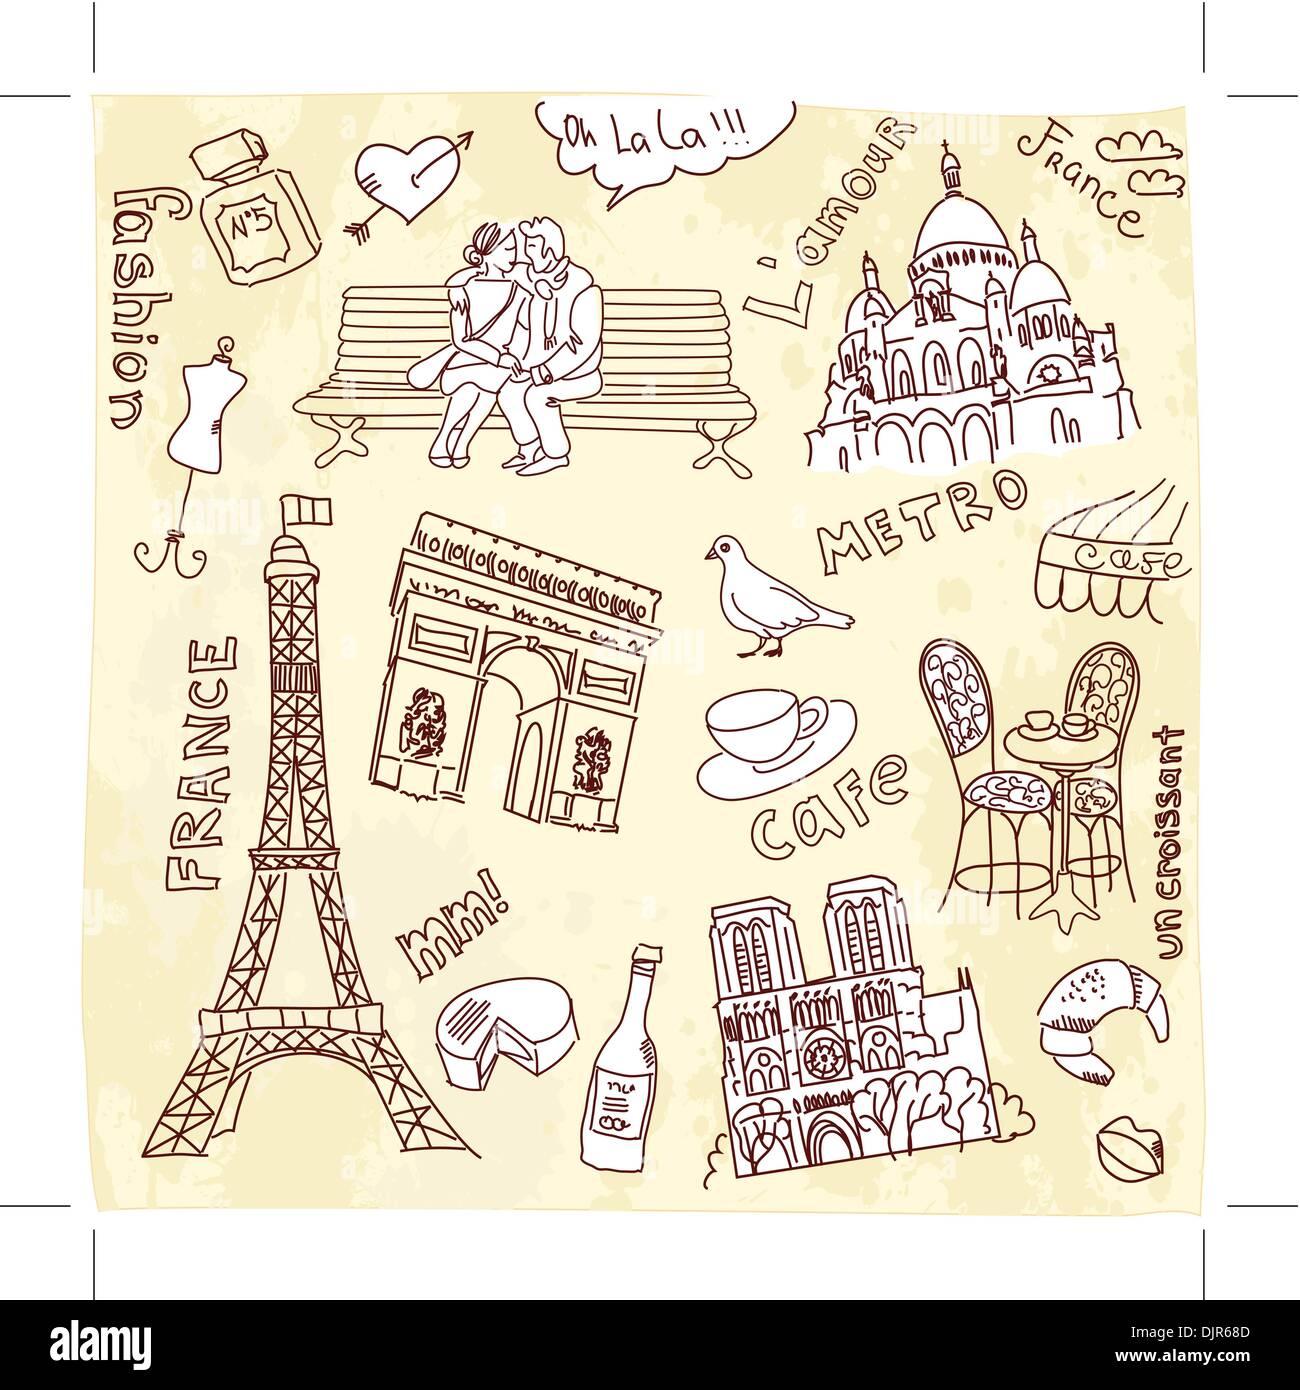 Paris doodles - Stock Image